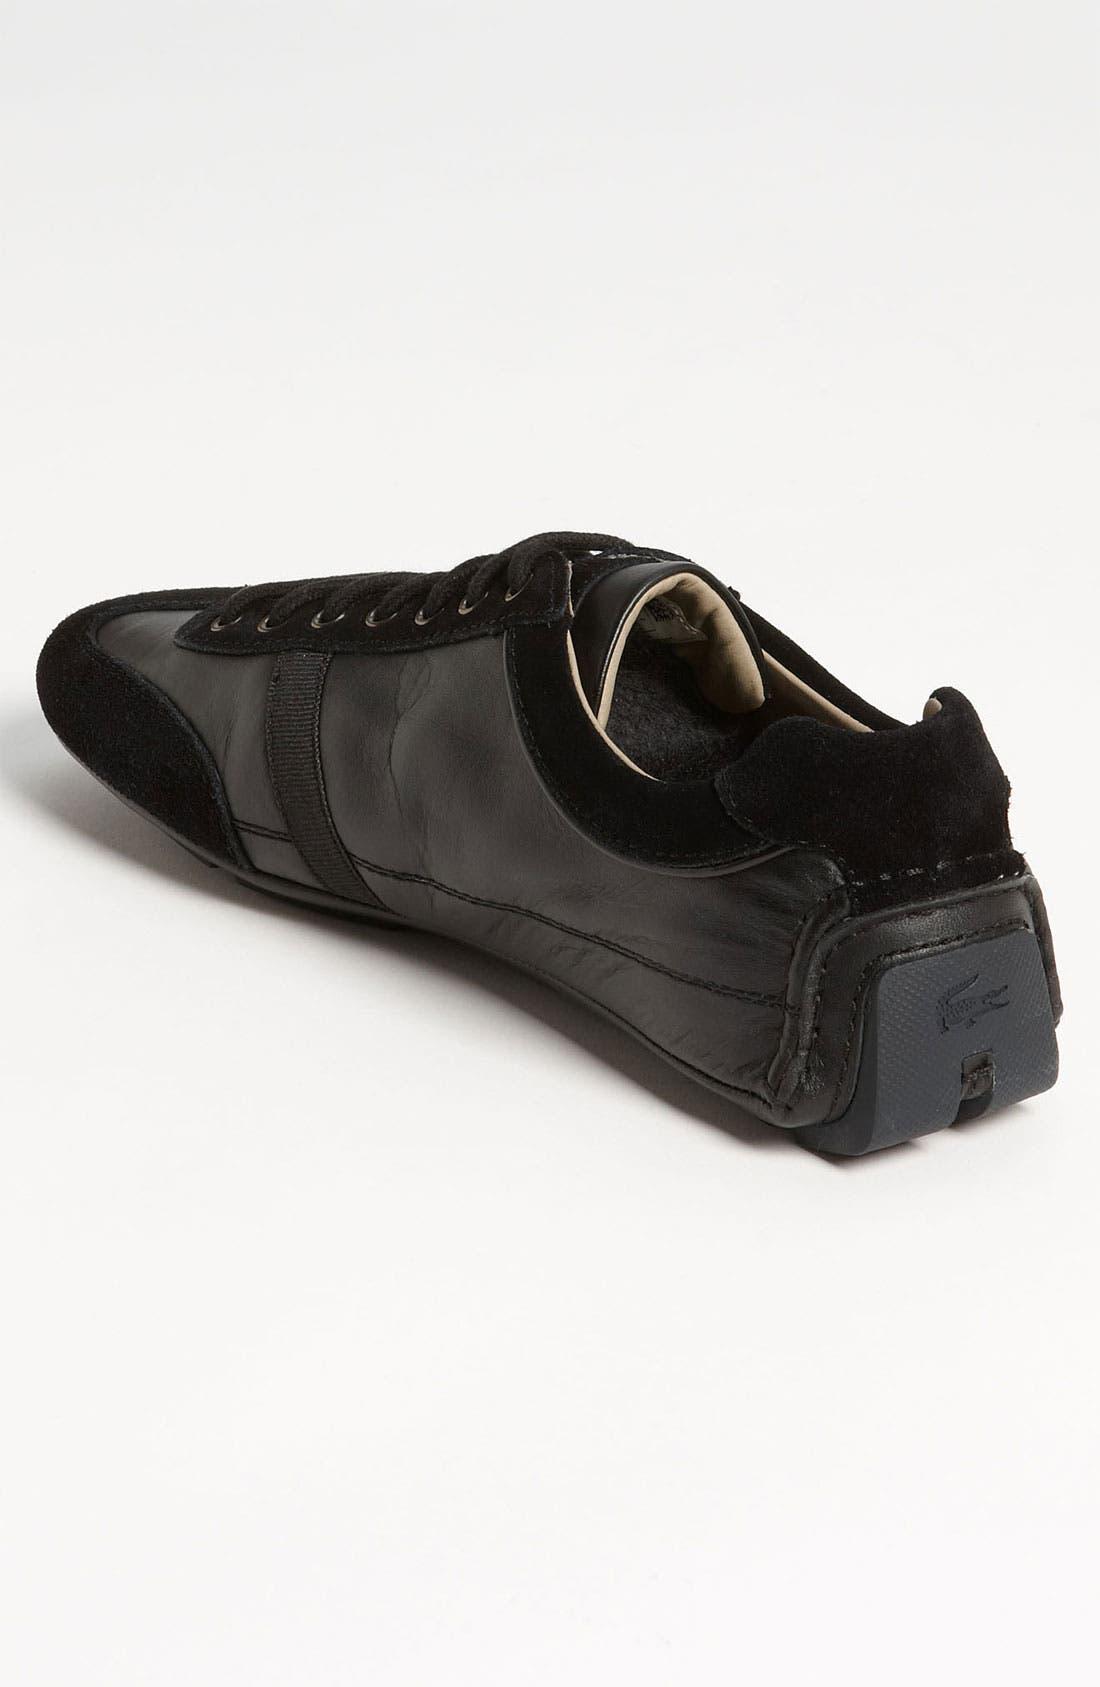 Alternate Image 2  - Lacoste 'Berryman' Sneaker